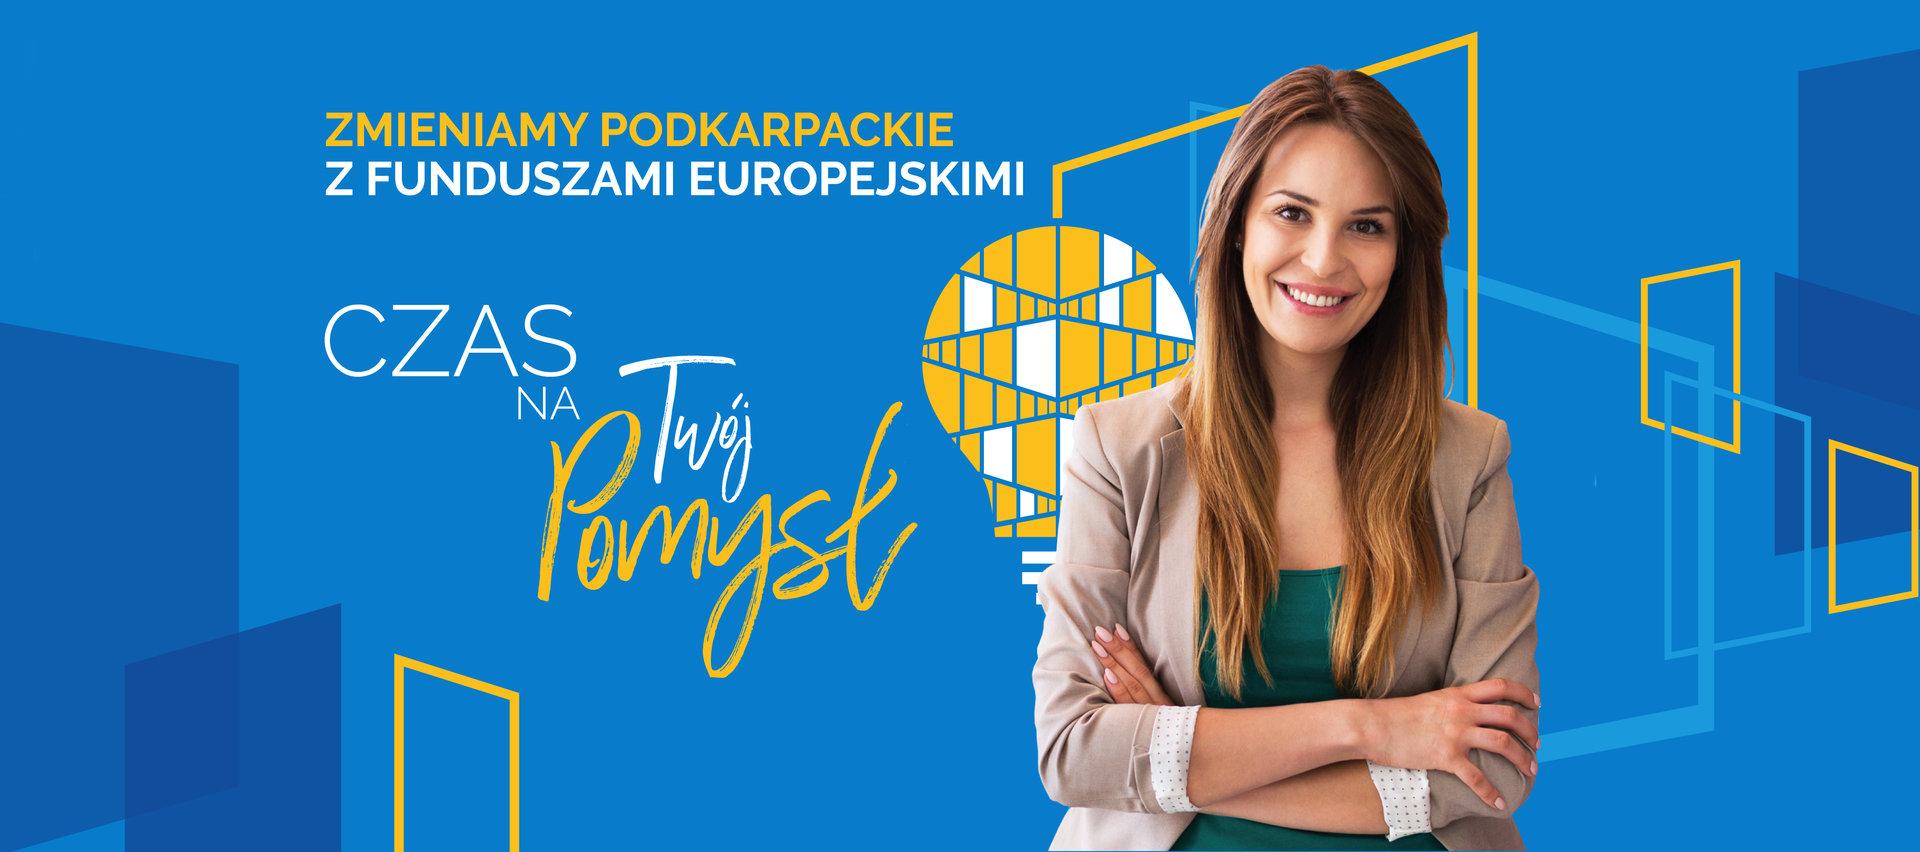 Kampania informacyjna województwa podkarpackiego